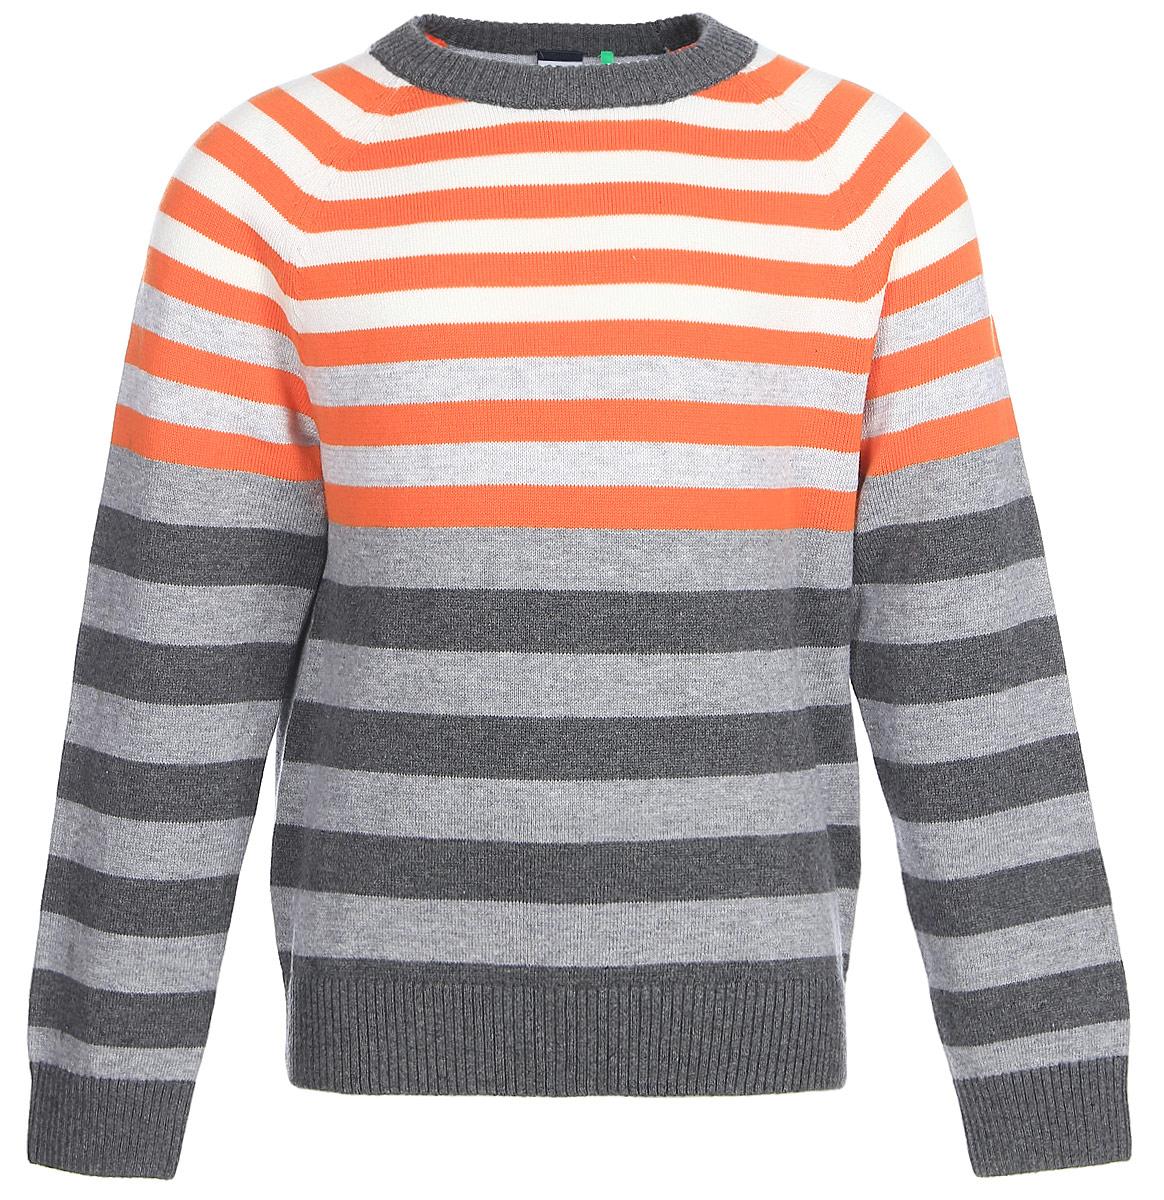 Джемпер для мальчика Sela, цвет: темно-серый меланж. JR-714/172-7310. Размер 92JR-714/172-7310Стильный джемпер для мальчика Sela поможет создать модный образ и станет отличным дополнением повседневного гардероба. Модель прямого кроя с длинными рукавами-реглан изготовлена из натурального хлопкового трикотажа мелкой вязки в полоску. Круглый вырез горловины, манжеты рукавов и низ изделия связаны резинкой. Модель подойдет для прогулок и дружеских встреч и будет отлично сочетаться с джинсами и брюками.